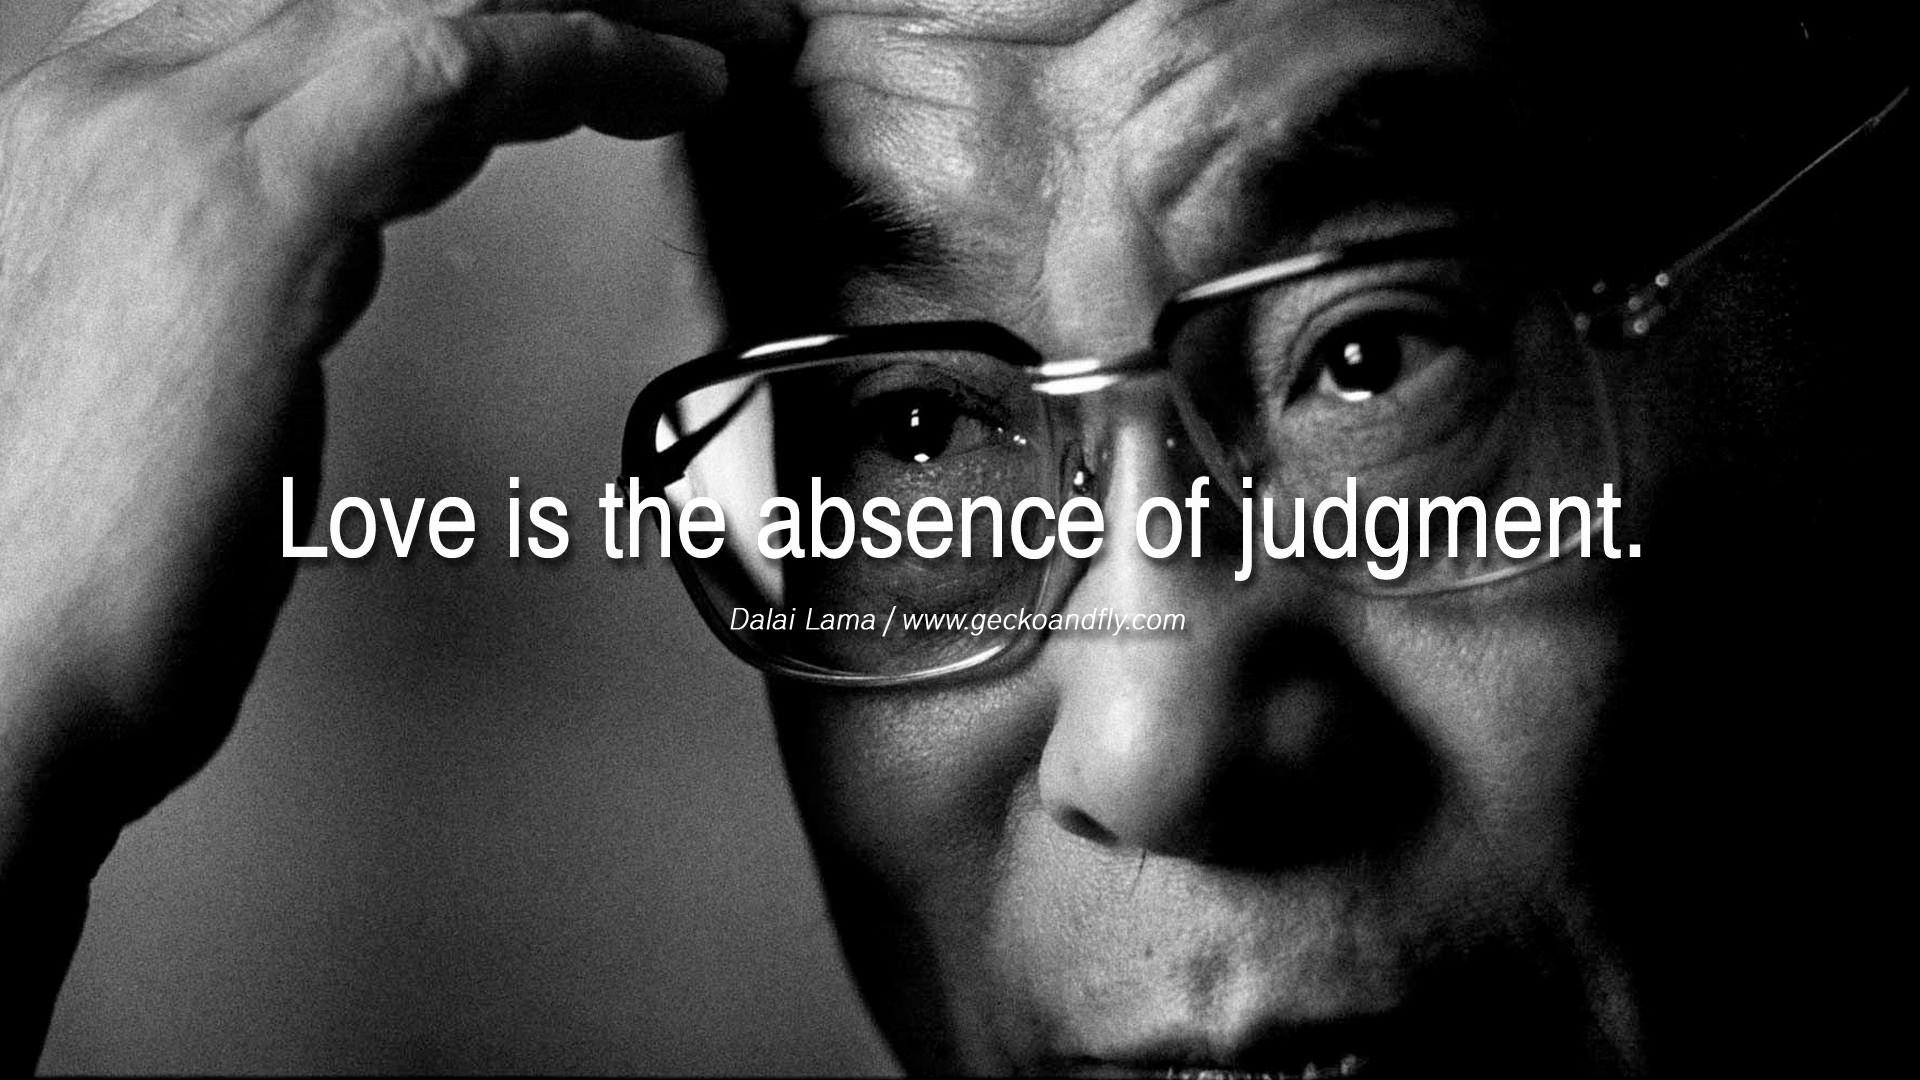 Quotes Dalai Lama On Man. QuotesGram